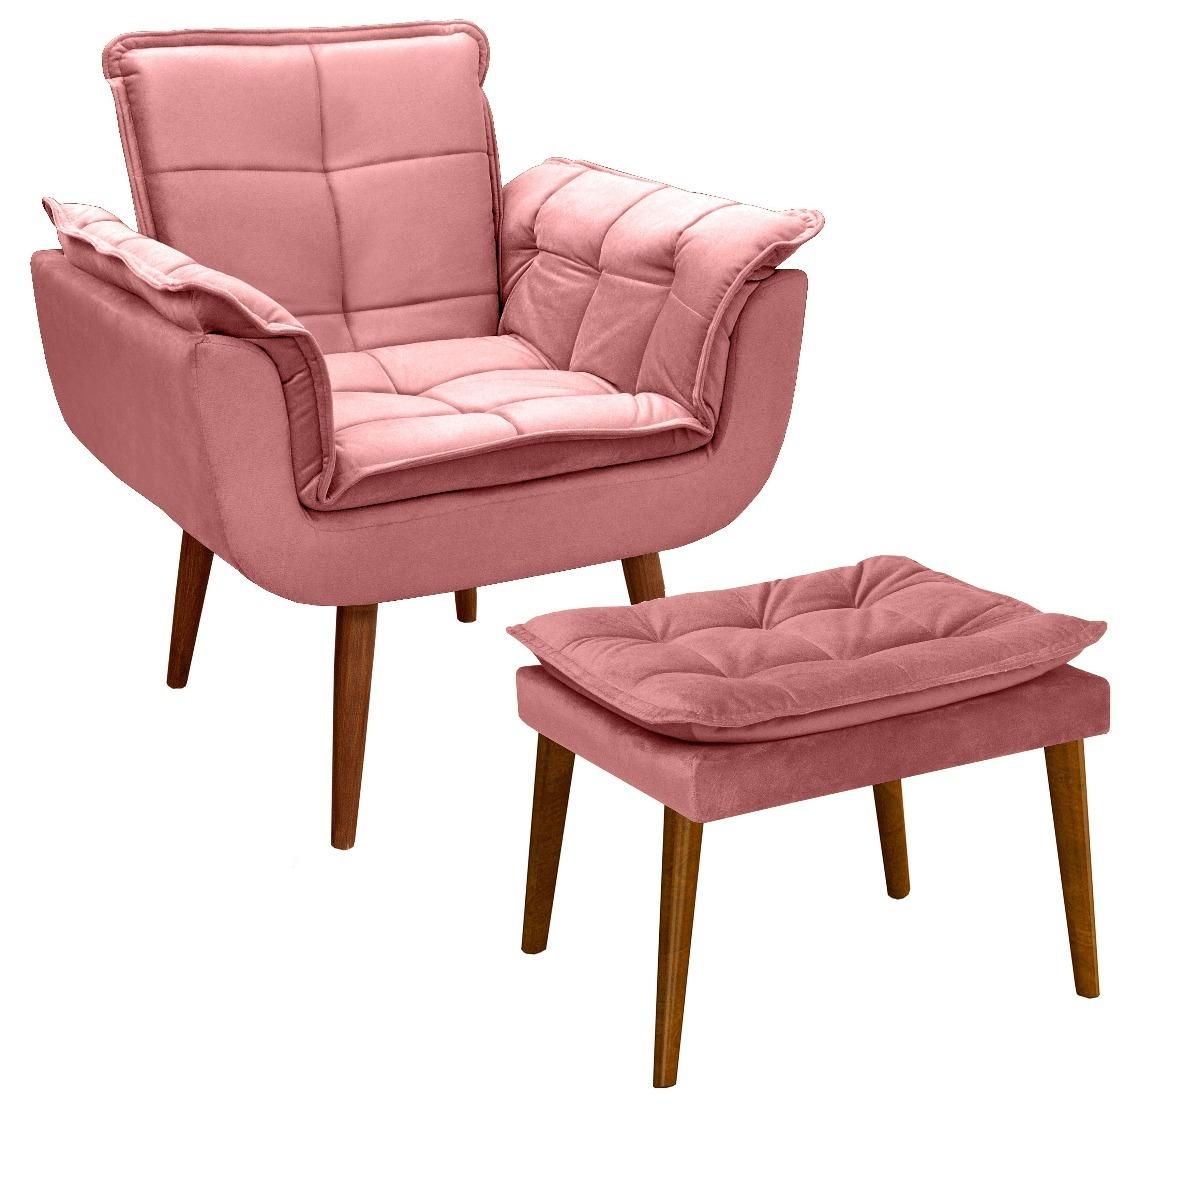 cadeira amamentação opala rosa bebê brinde bandeja laqueada. Carregando  zoom. 2510879c51